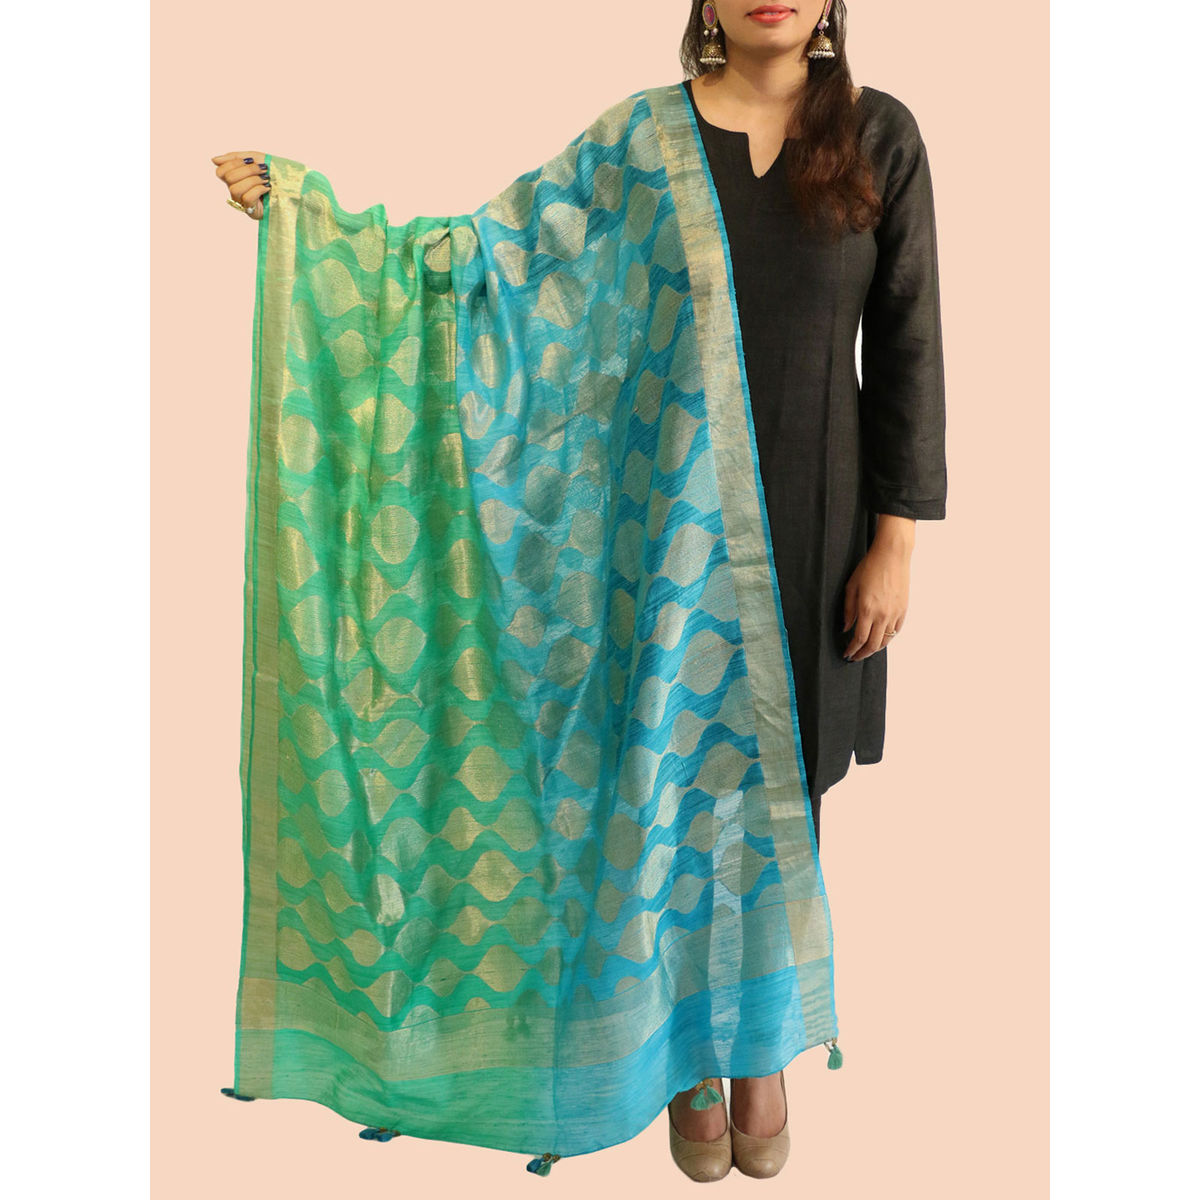 Buy Turquoise Green Banarasi Silk Dupatta Online